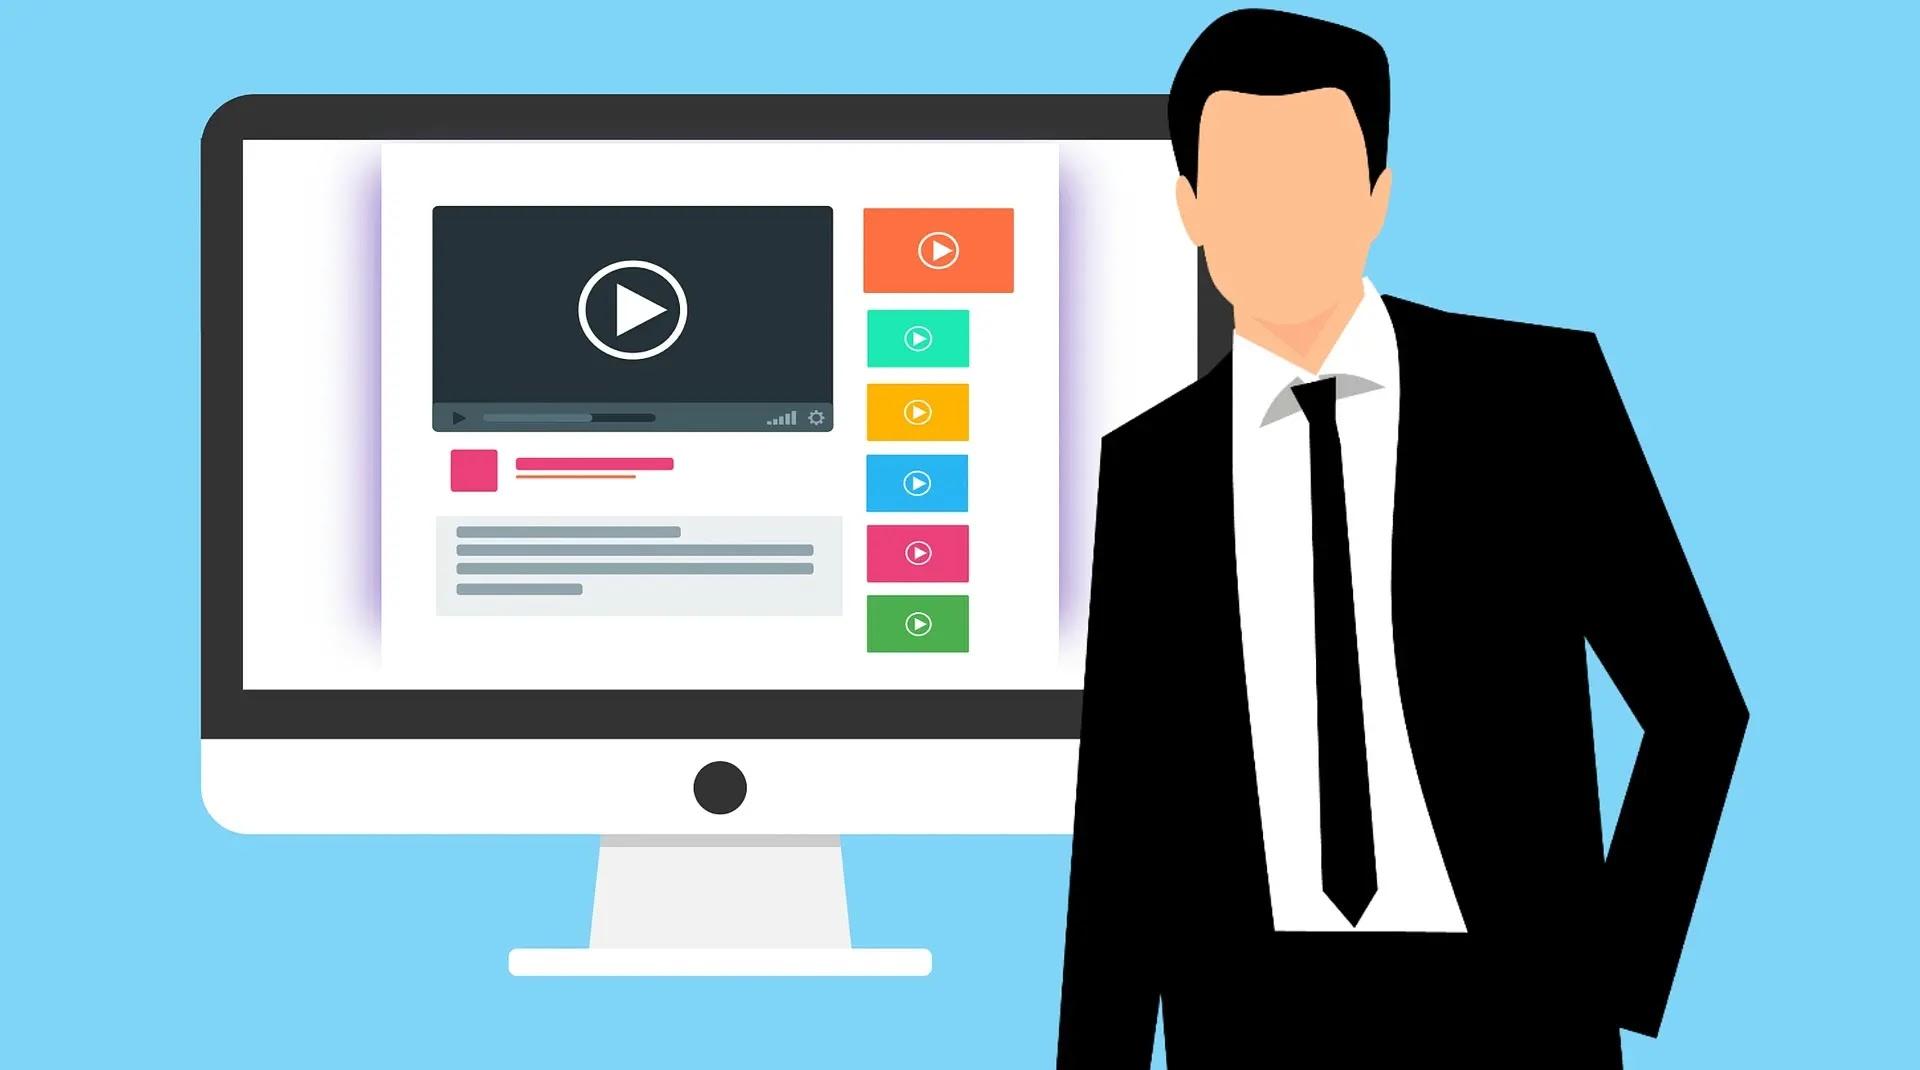 التسويق الالكتروني,تعلم التسويق الالكتروني,التسويق,التسويق الإلكتروني,تسويق الكتروني,التسويق الالكتروني للمبتدئين,دورة التسويق الالكتروني,اسرار التسويق الالكتروني,التسويق بالفيديو,التسويق الالكتروني عبر الانستقرام,التسويق الرقمي,التسويق الالكترونى,كورس التسويق الالكترونى,التسويق الالكتروني عبر الفيس بوك,تسويق الكترونى,اساسيات التسويق الالكتروني,اساسيات التسويق بالفيديو,التجارة الالكترونية,الفيديو التسويقي,التسويق بالعمولة,التسويق الالكتروني الناجح